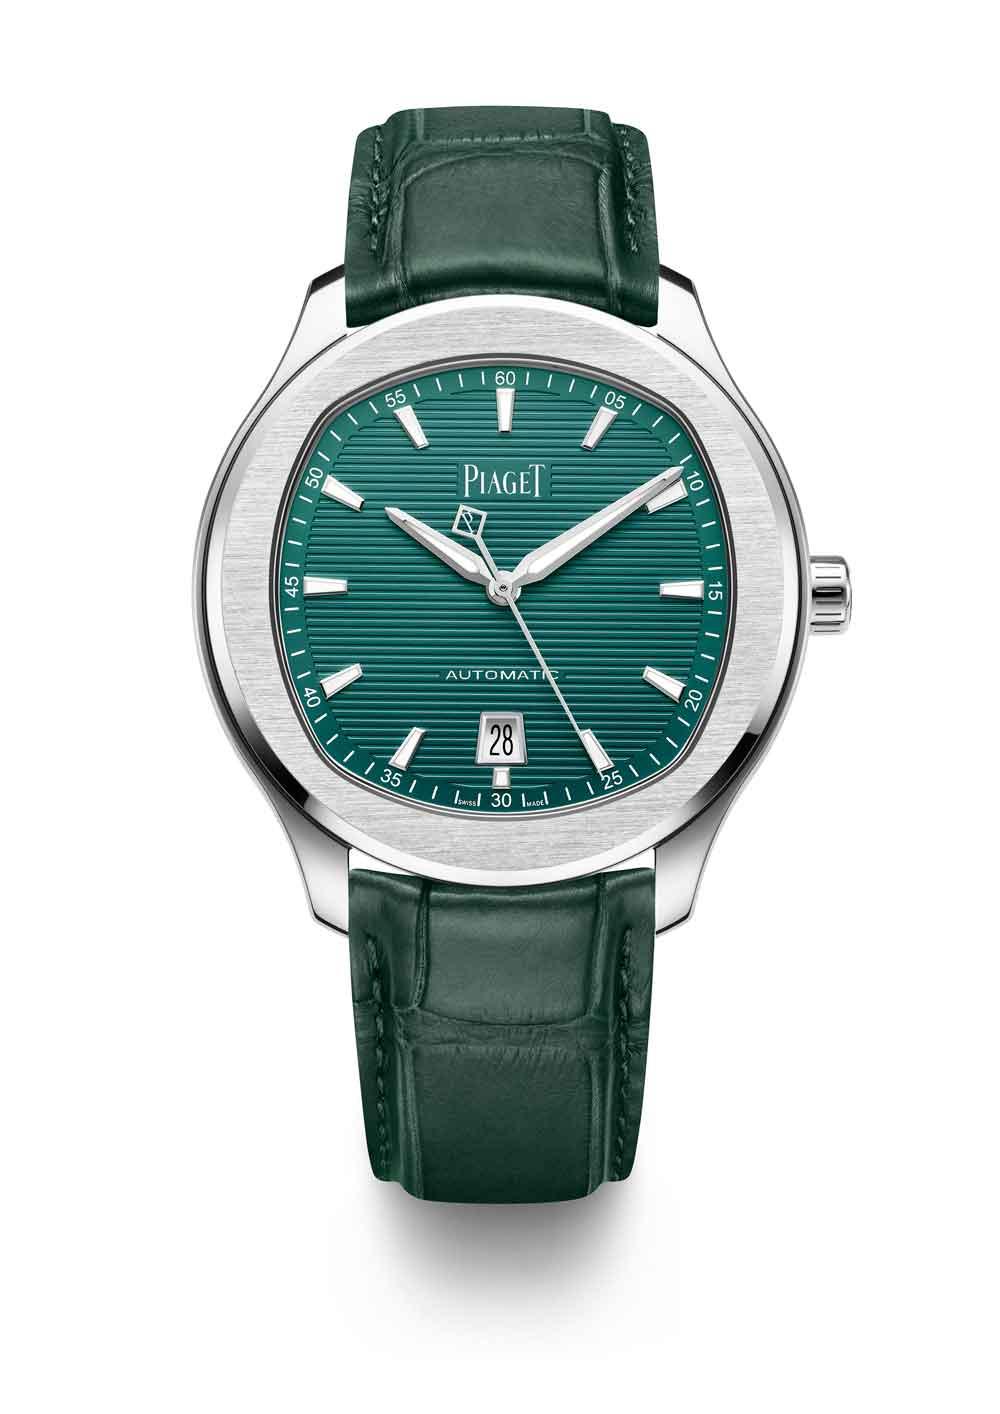 Reloj Piaget Polo 42 con esfera y pulsera verdes